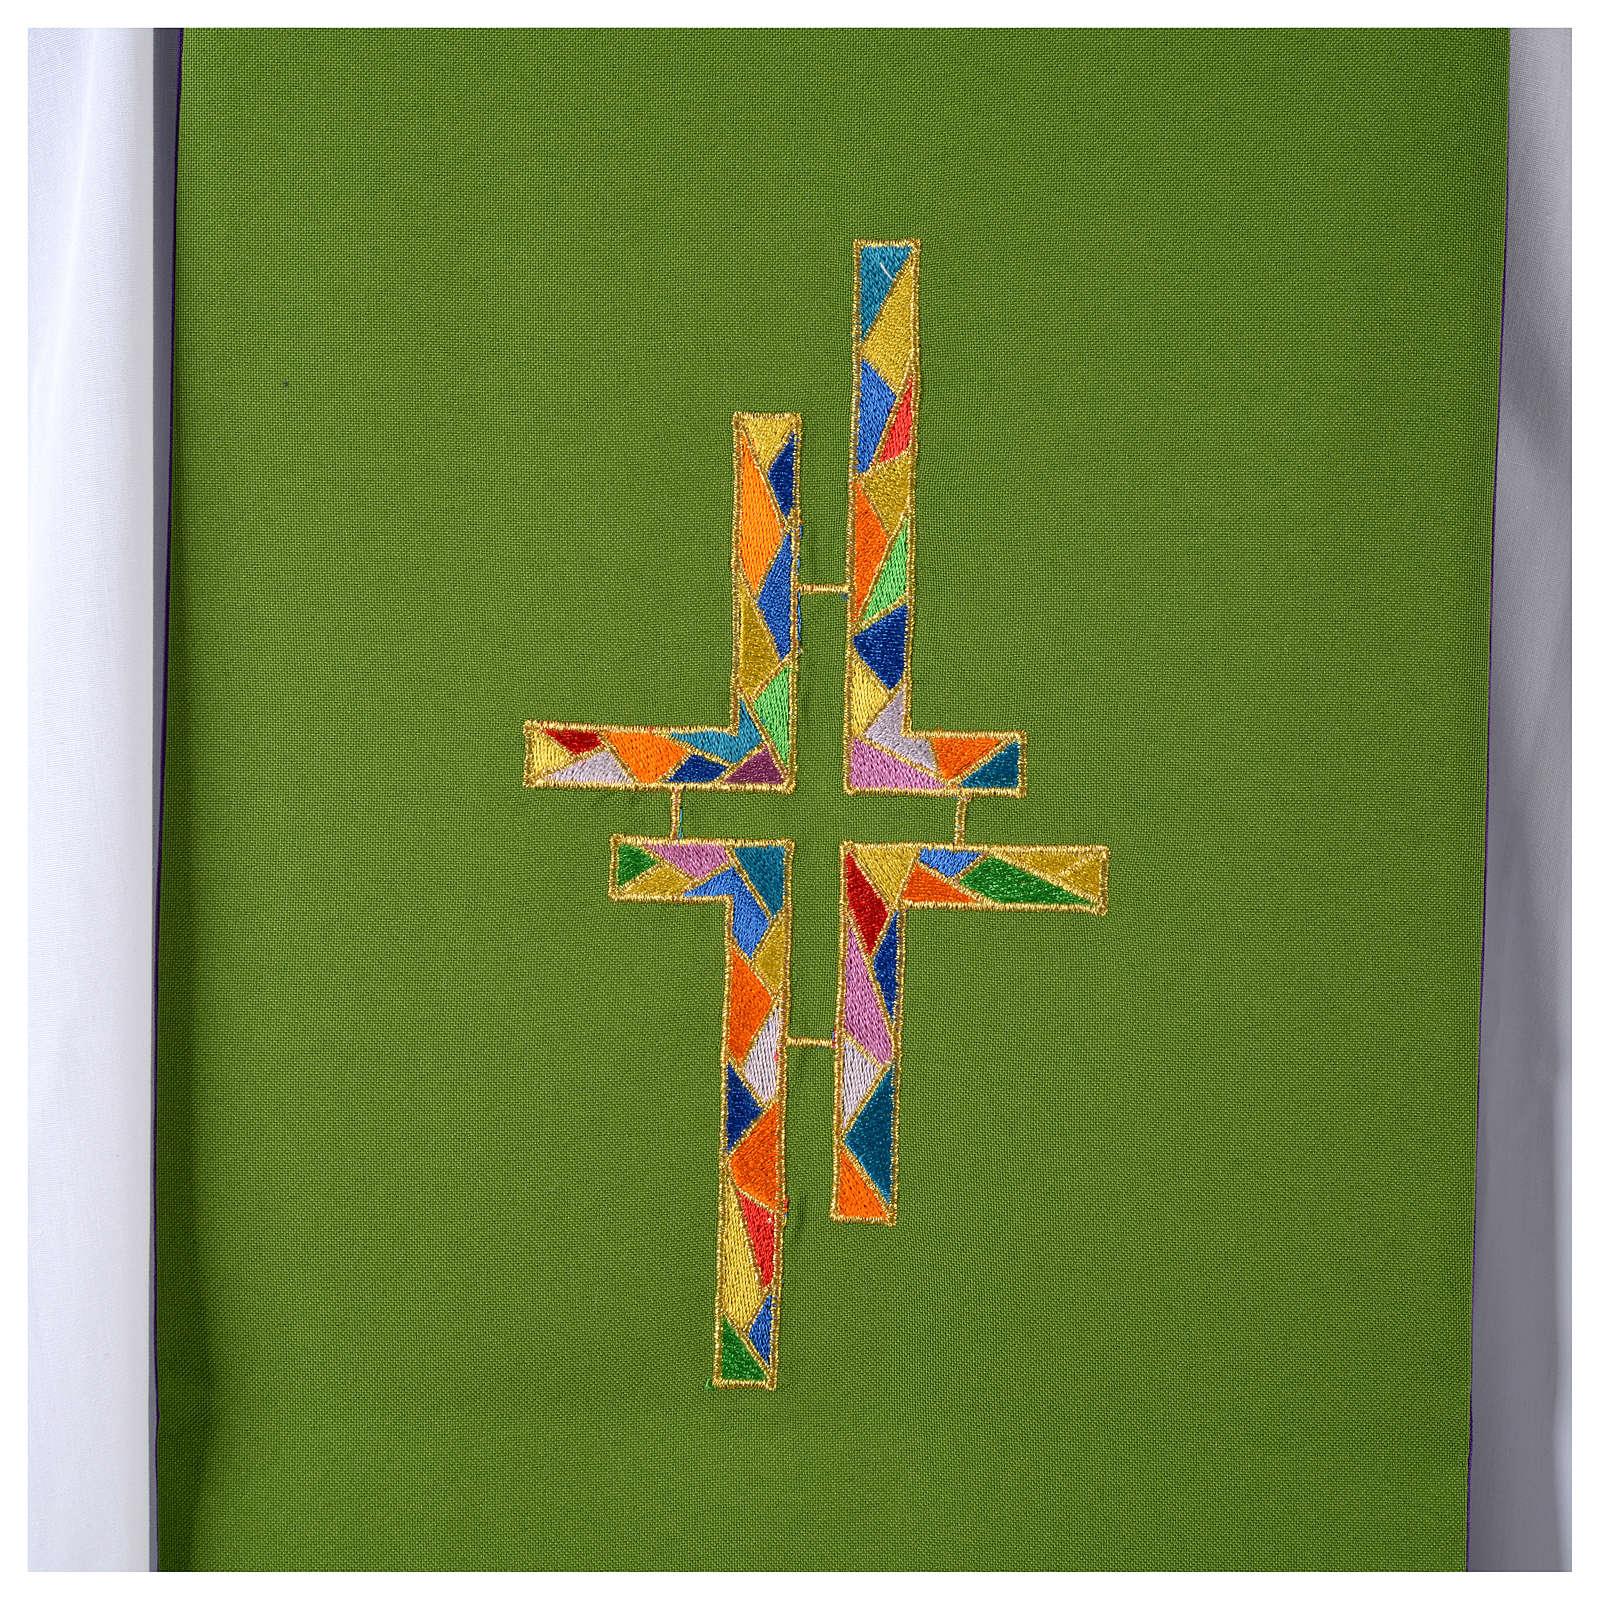 Estola verde roxa dupla face cruz multicolor 4